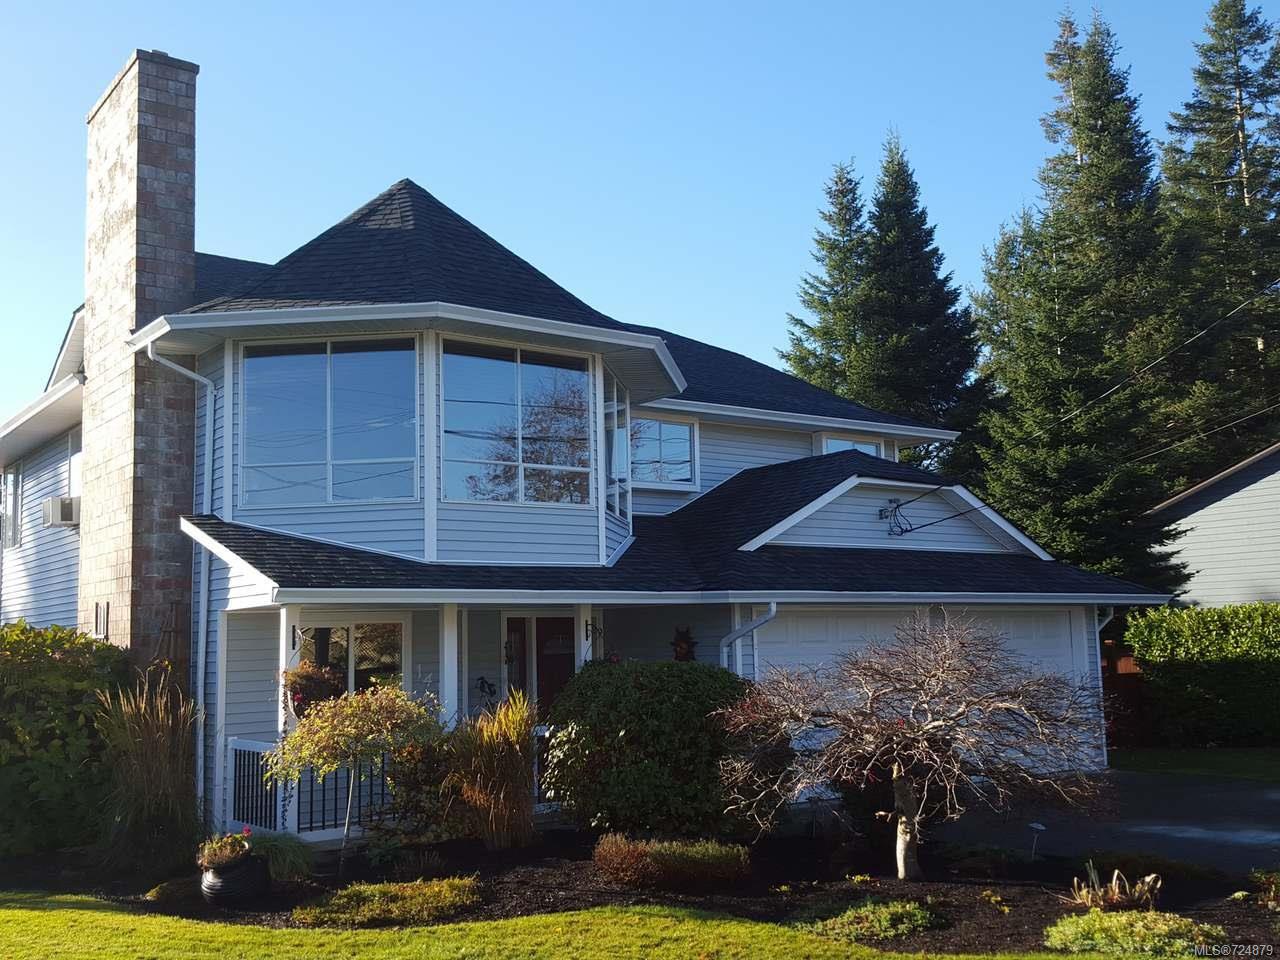 Main Photo: 1419 Ridgemount Dr in COMOX: CV Comox (Town of) House for sale (Comox Valley)  : MLS®# 724879